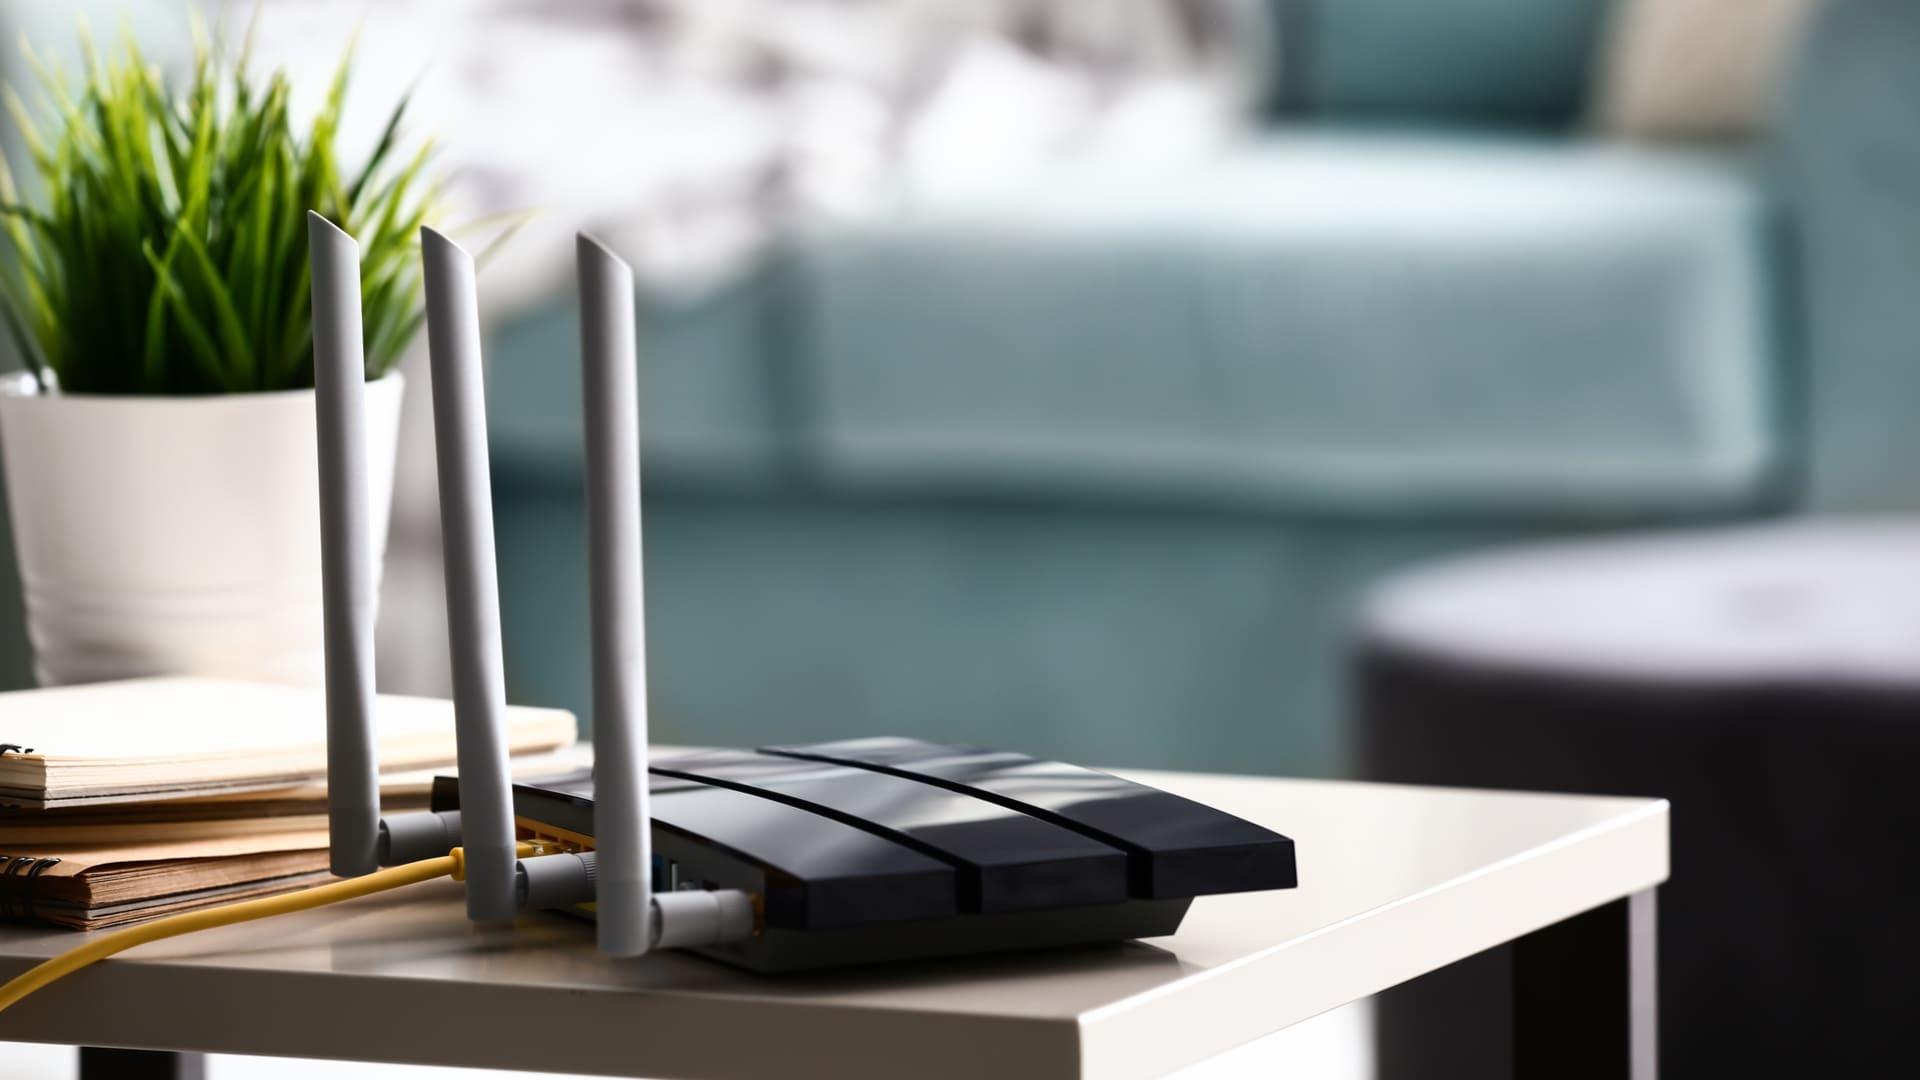 Geralmente, o modem é um aparelho oferecido pela operadora contratada (Fonte: Shutterstock)